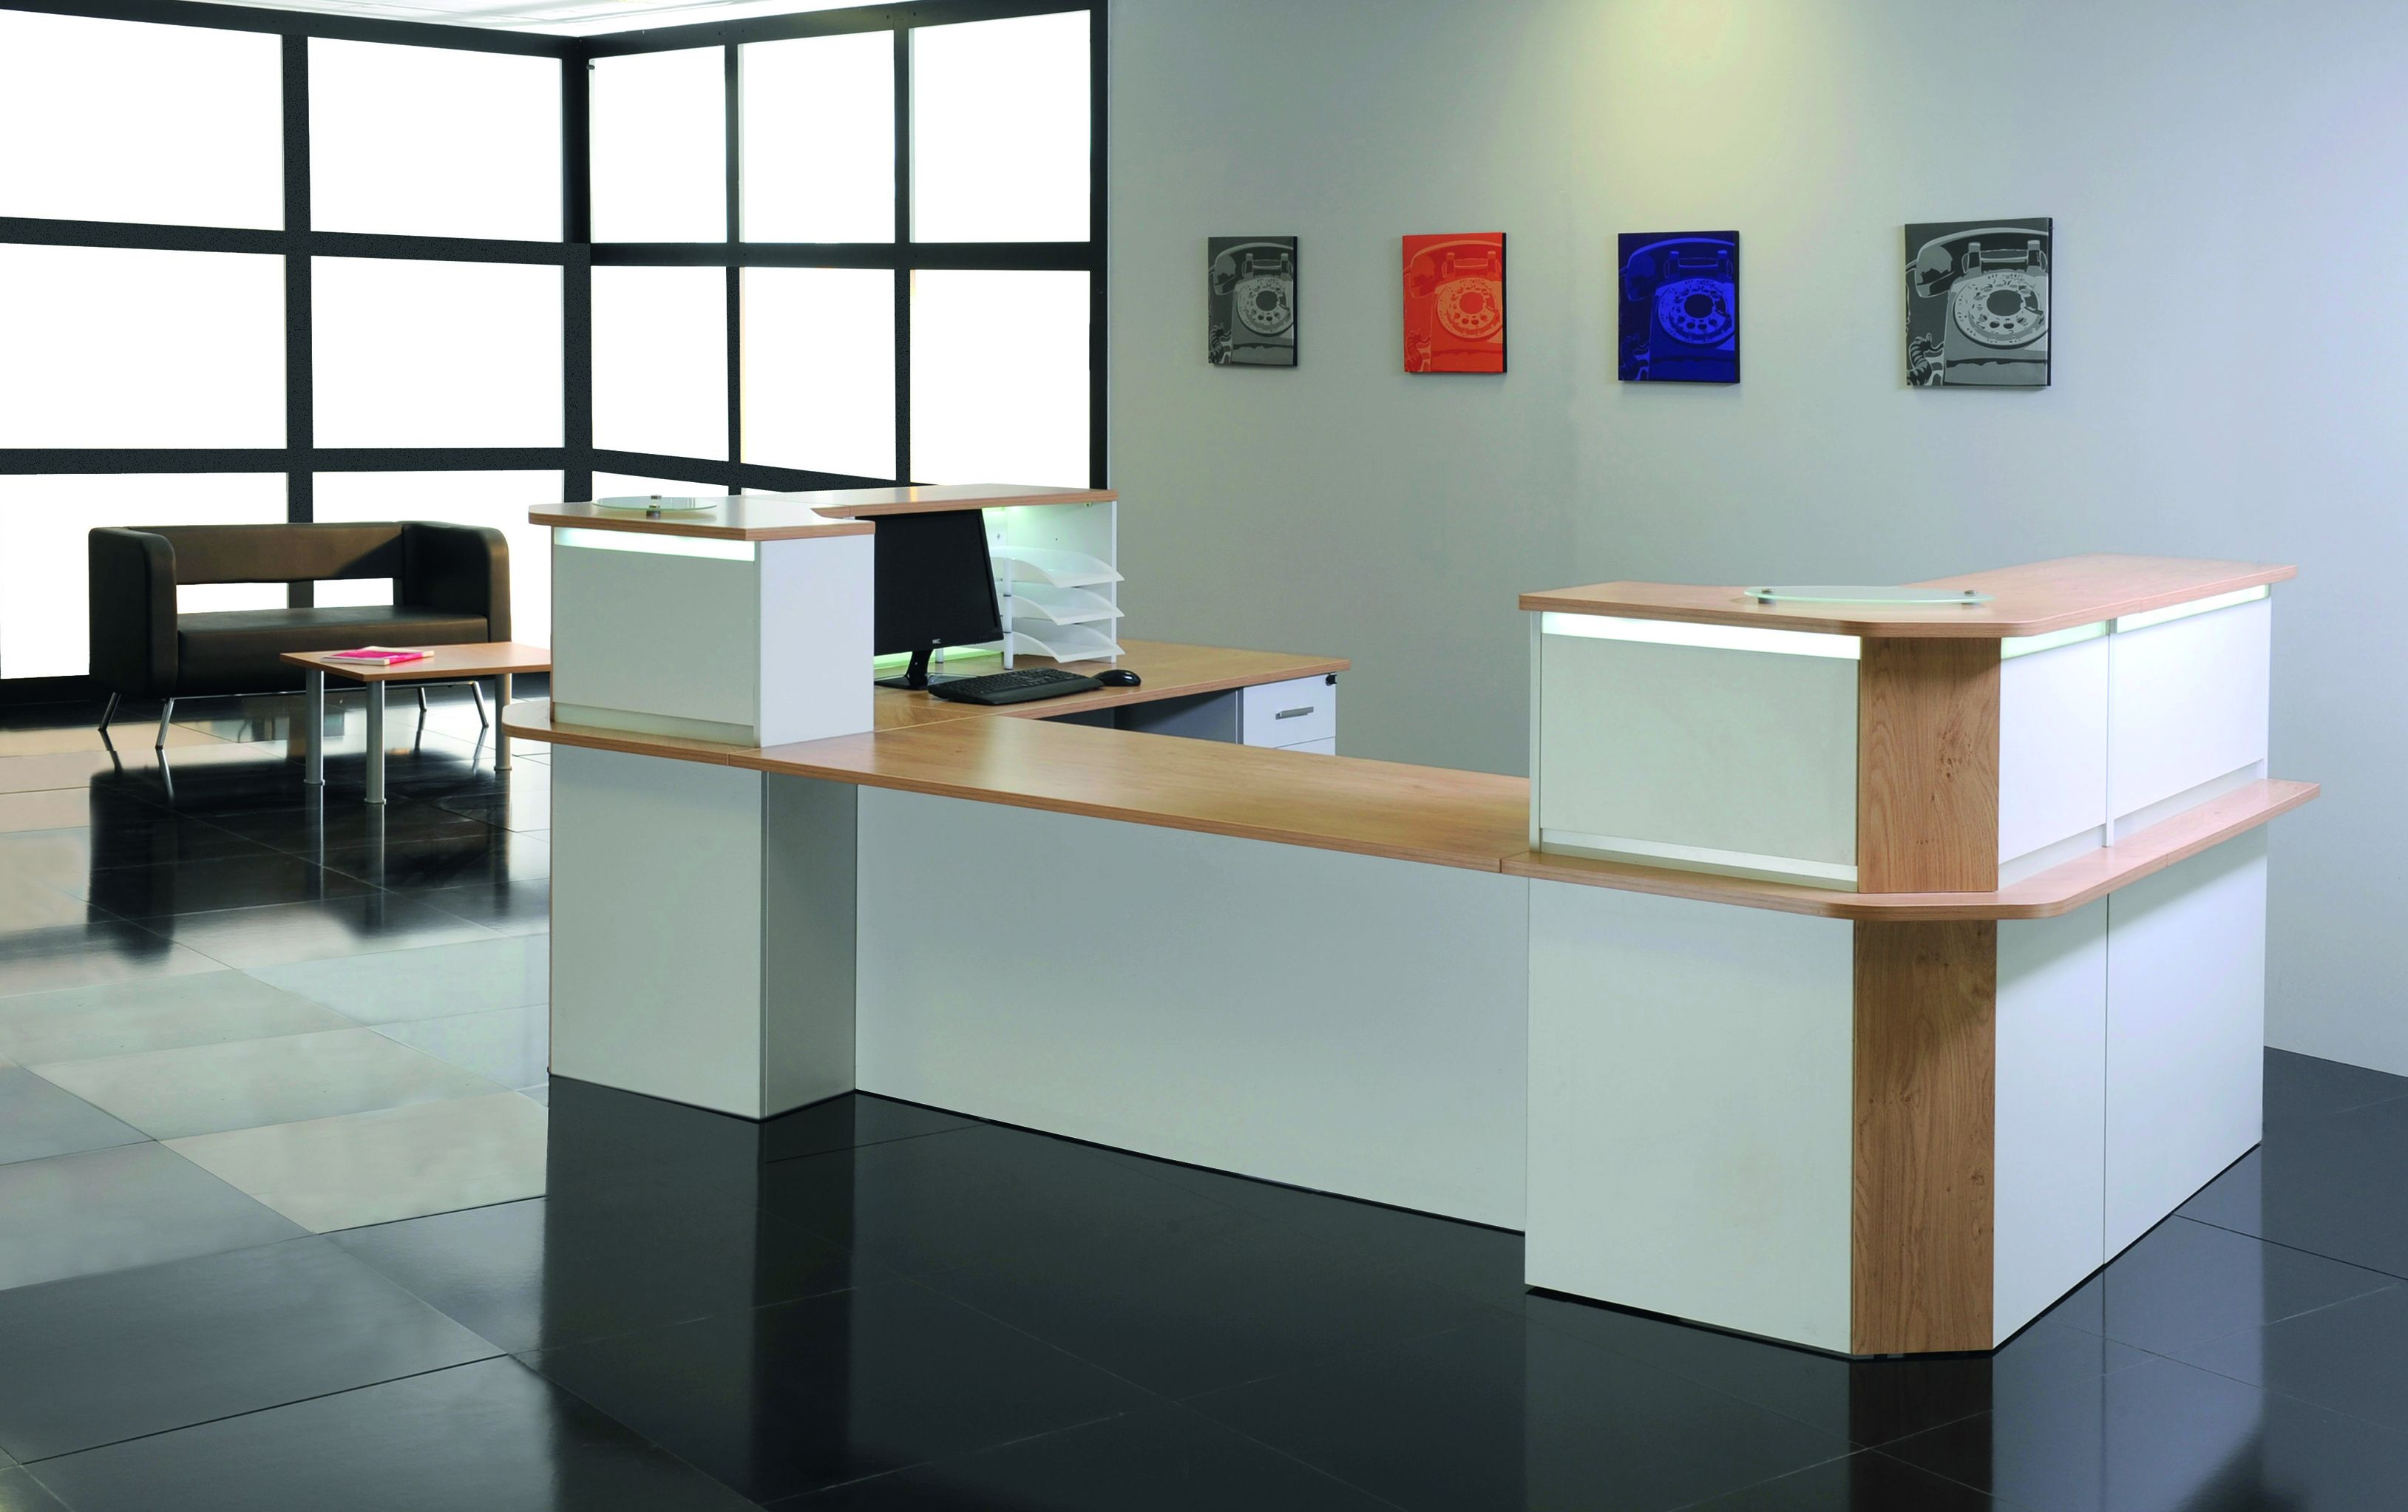 Banque d'accueil LUMINA - avec réhausse - L140 x H115 x P80 cm - Bande translucide Blanche - Finition chêne clair/blanc